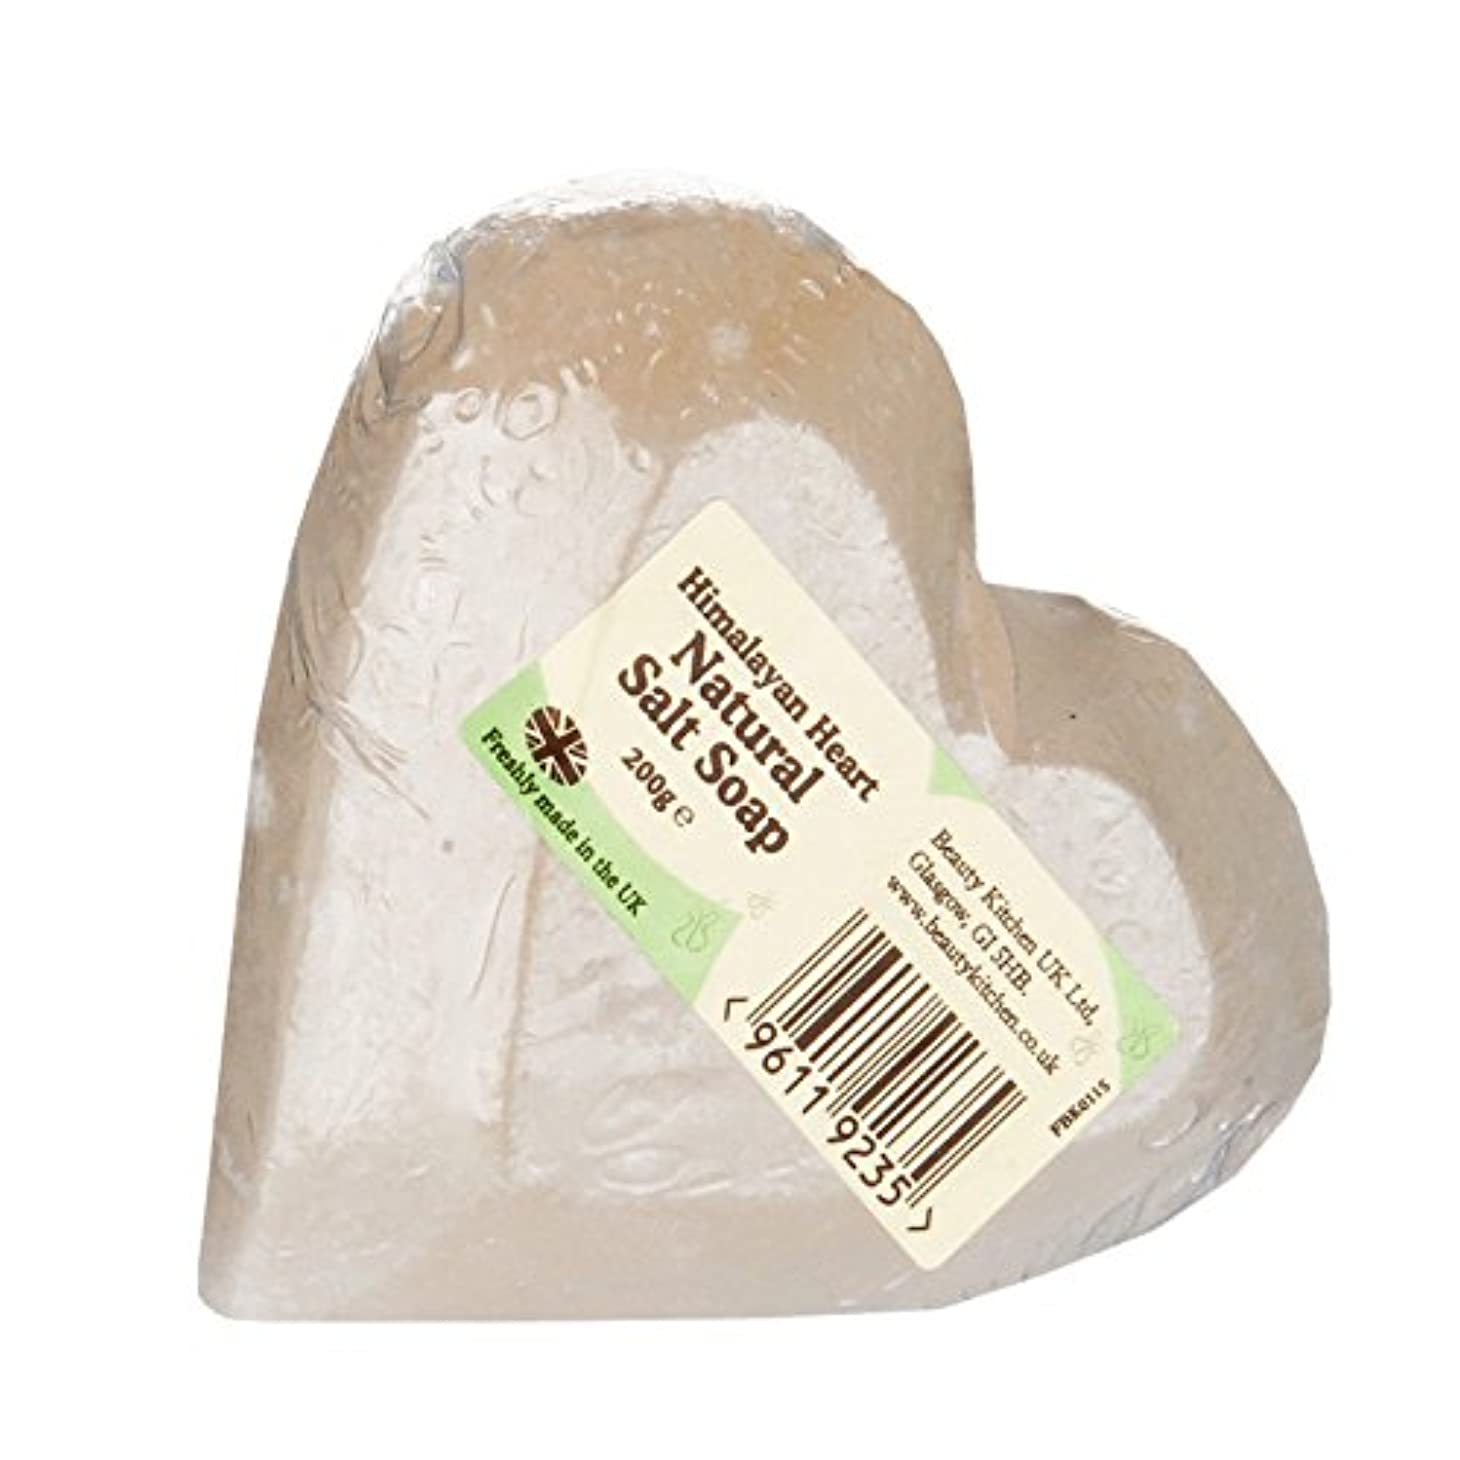 達成する統計意義Beauty Kitchen Himalayan Heart Soap 200g (Pack of 2) - 美容キッチンヒマラヤンハートソープ200グラム (x2) [並行輸入品]